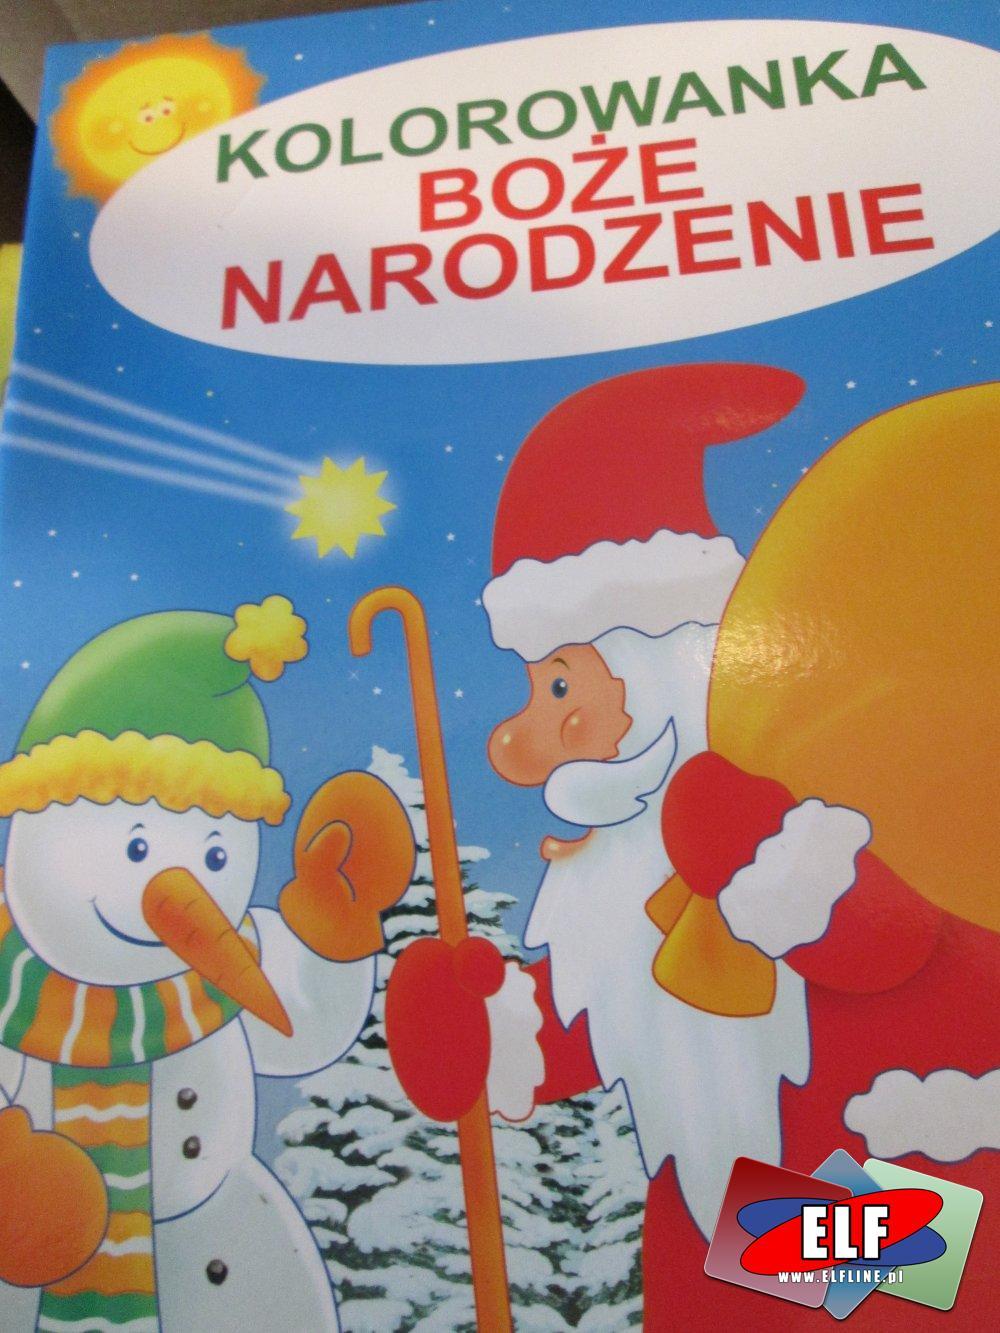 Kolorowanki, Kolorowanka Boże Narodzenie